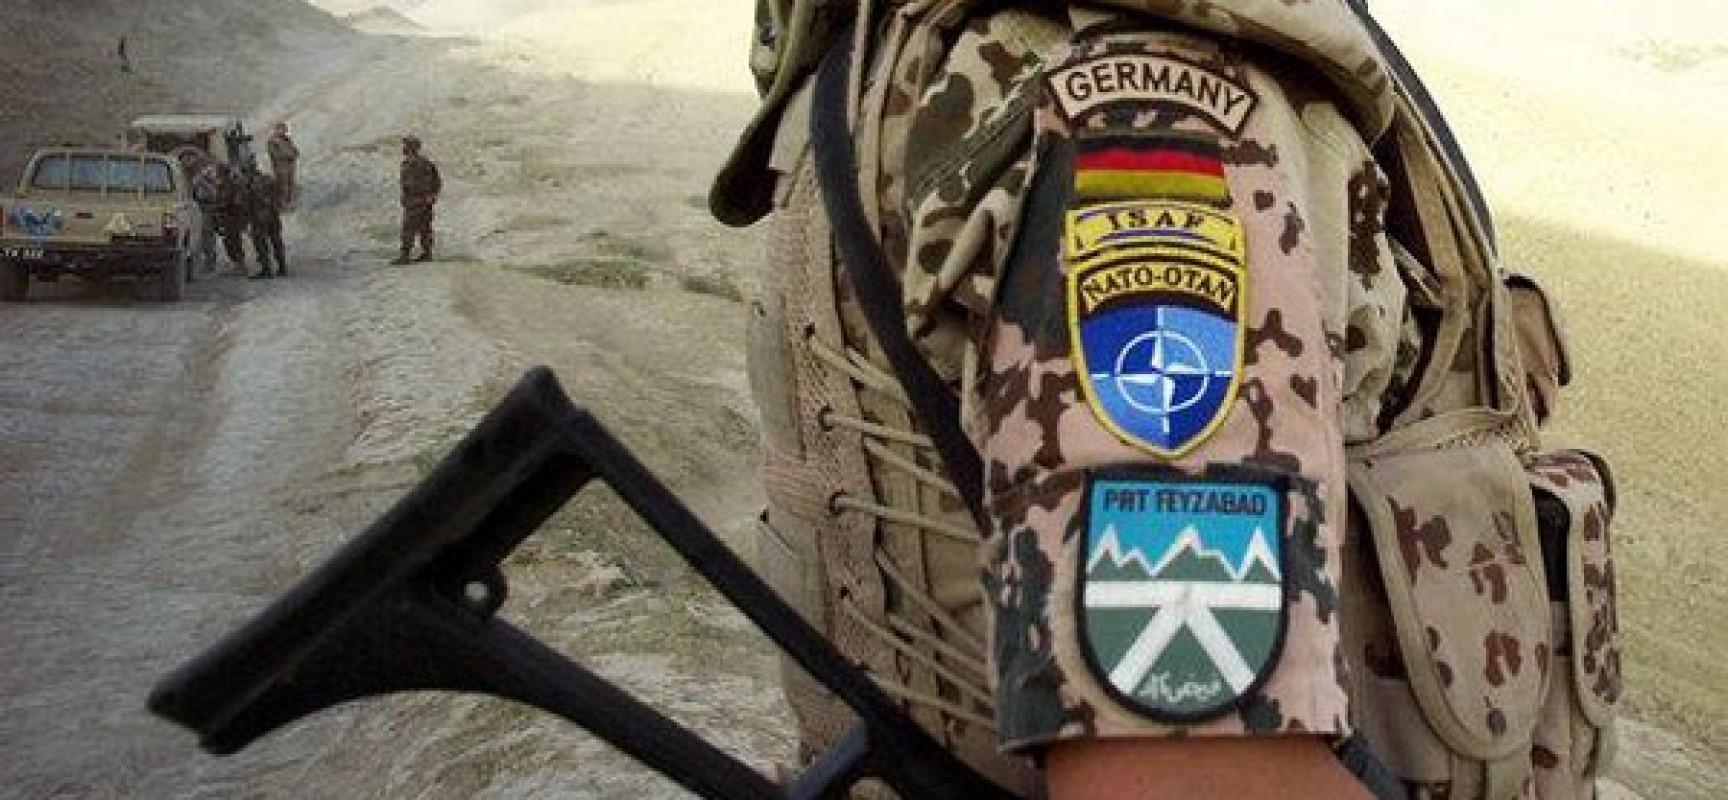 L'Allemagne et l'OTAN préparent-ils une « répression fasciste » en Europe ?